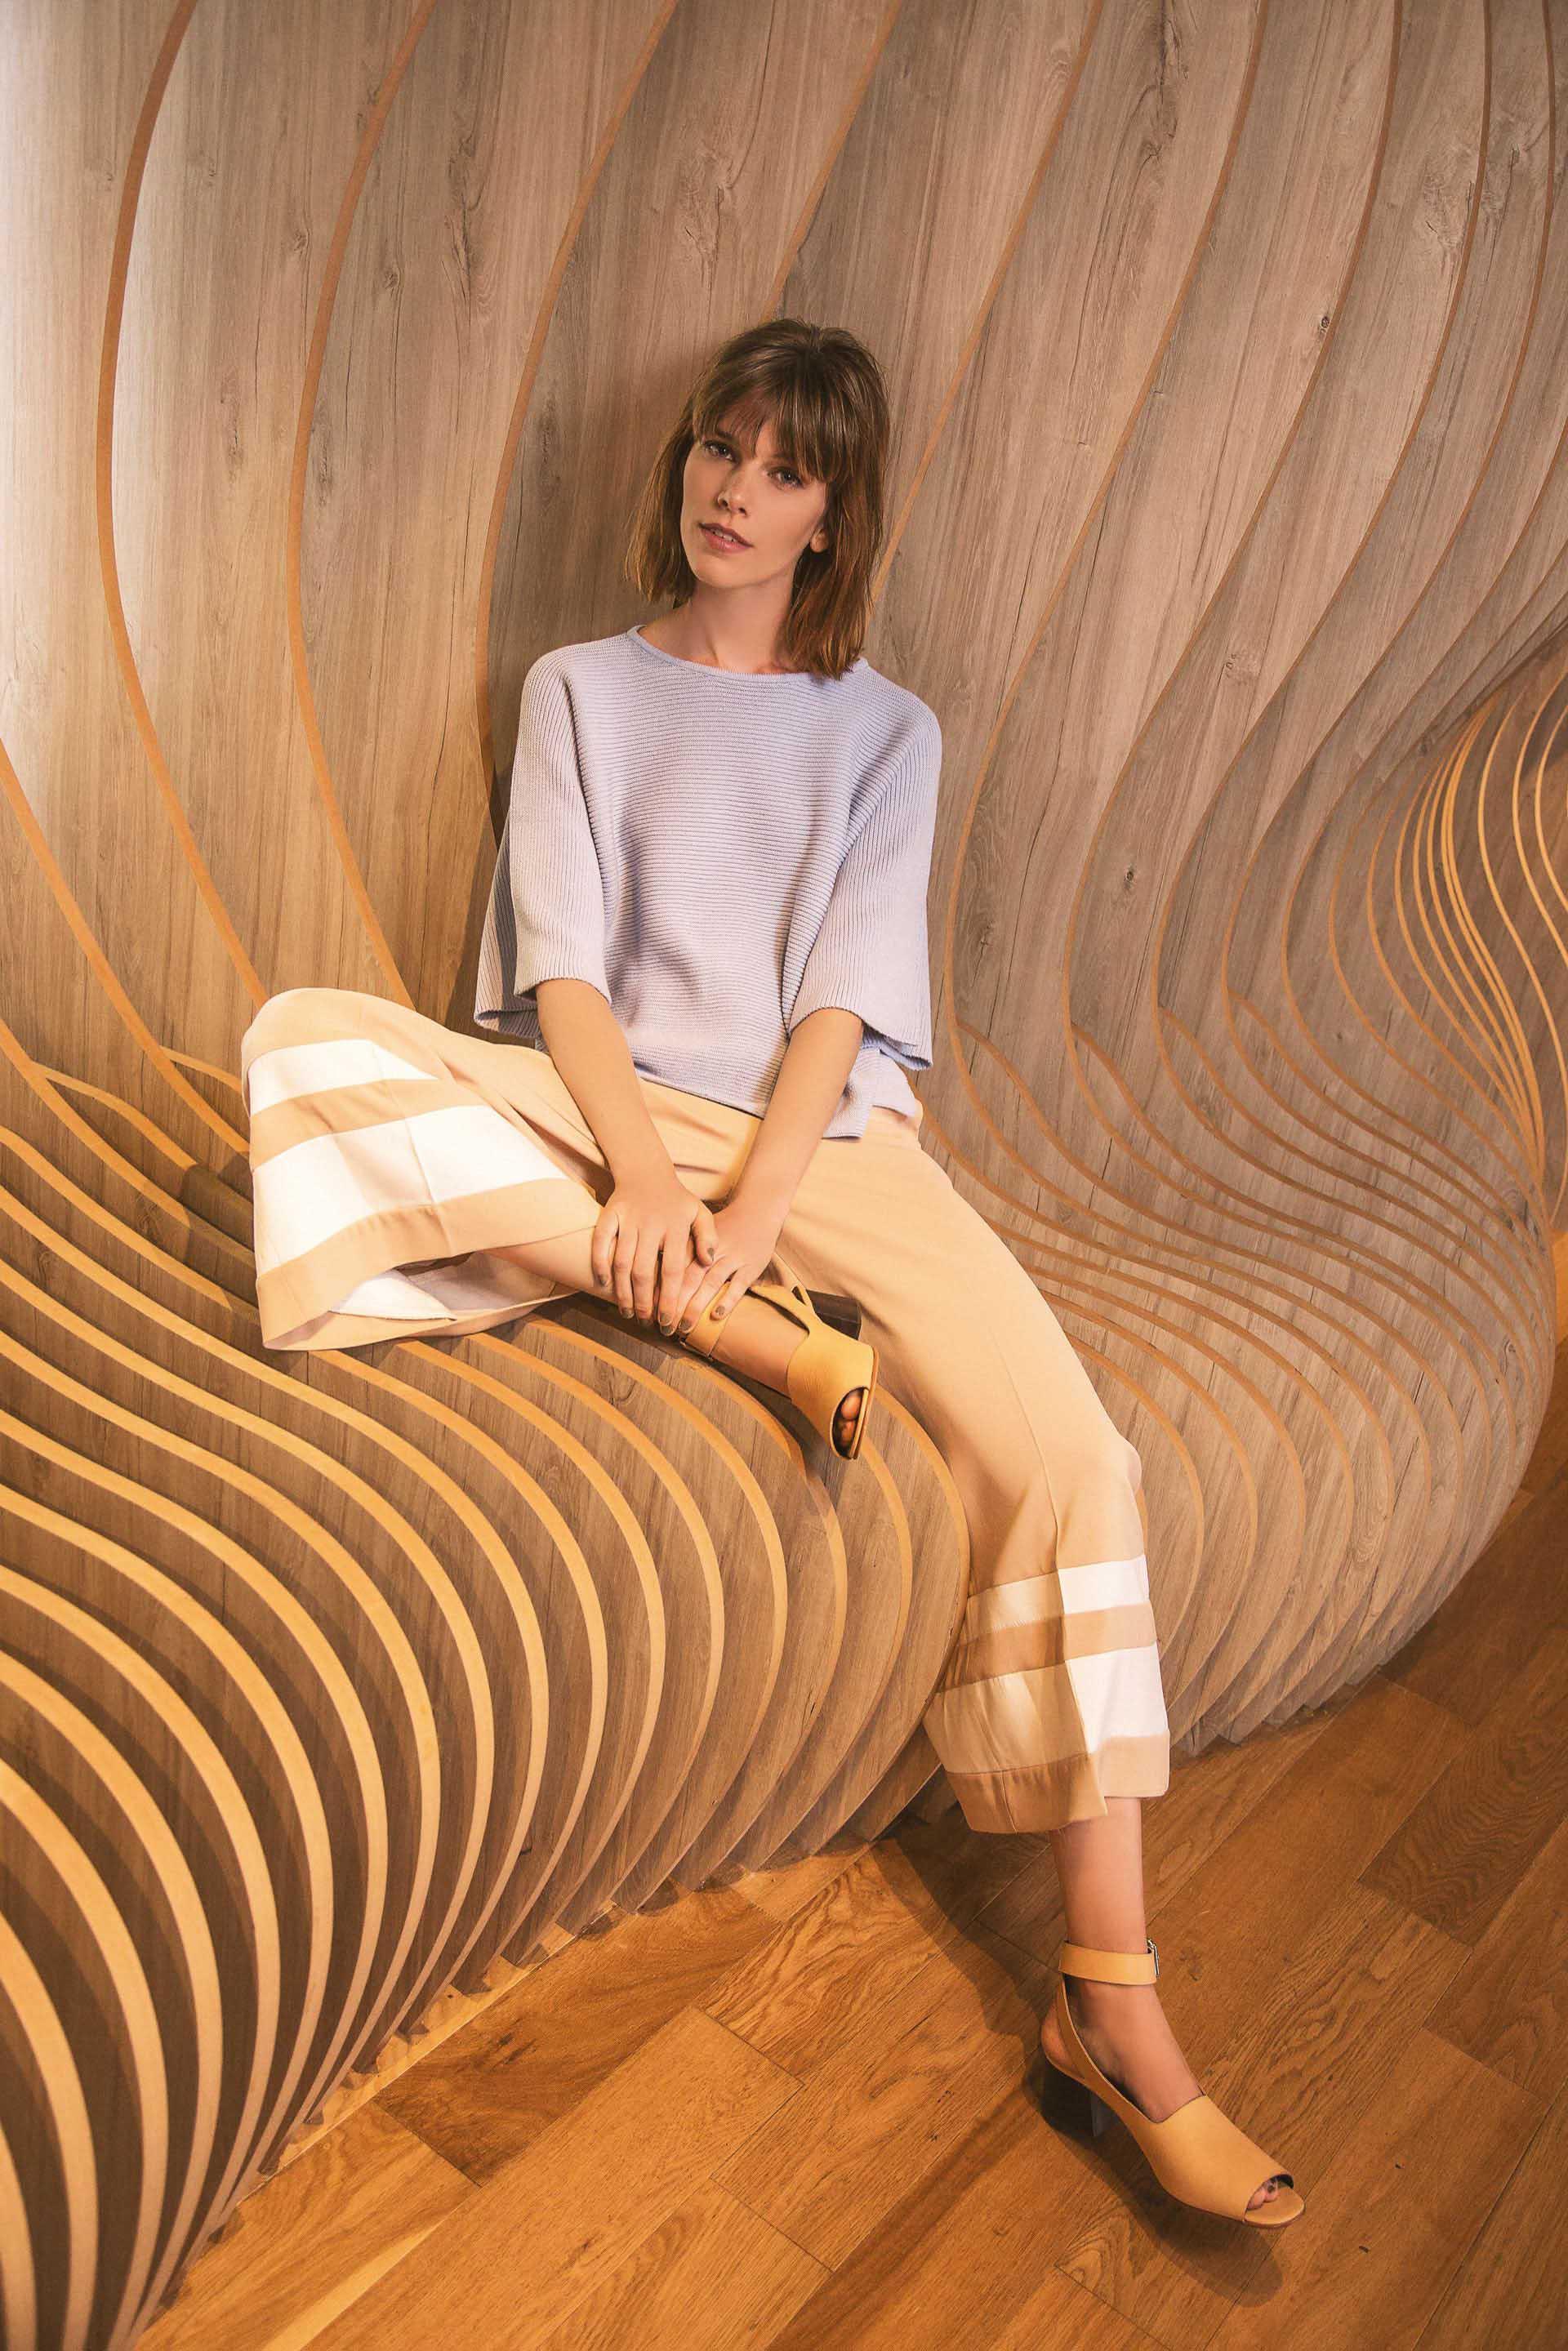 Suéter corto ($ 1.790, Las Pepas), pantacourt bicolor (Cher) y sandalias de cuero($ 5.360, Mishka).Foto Chino Toccalino/Para Ti